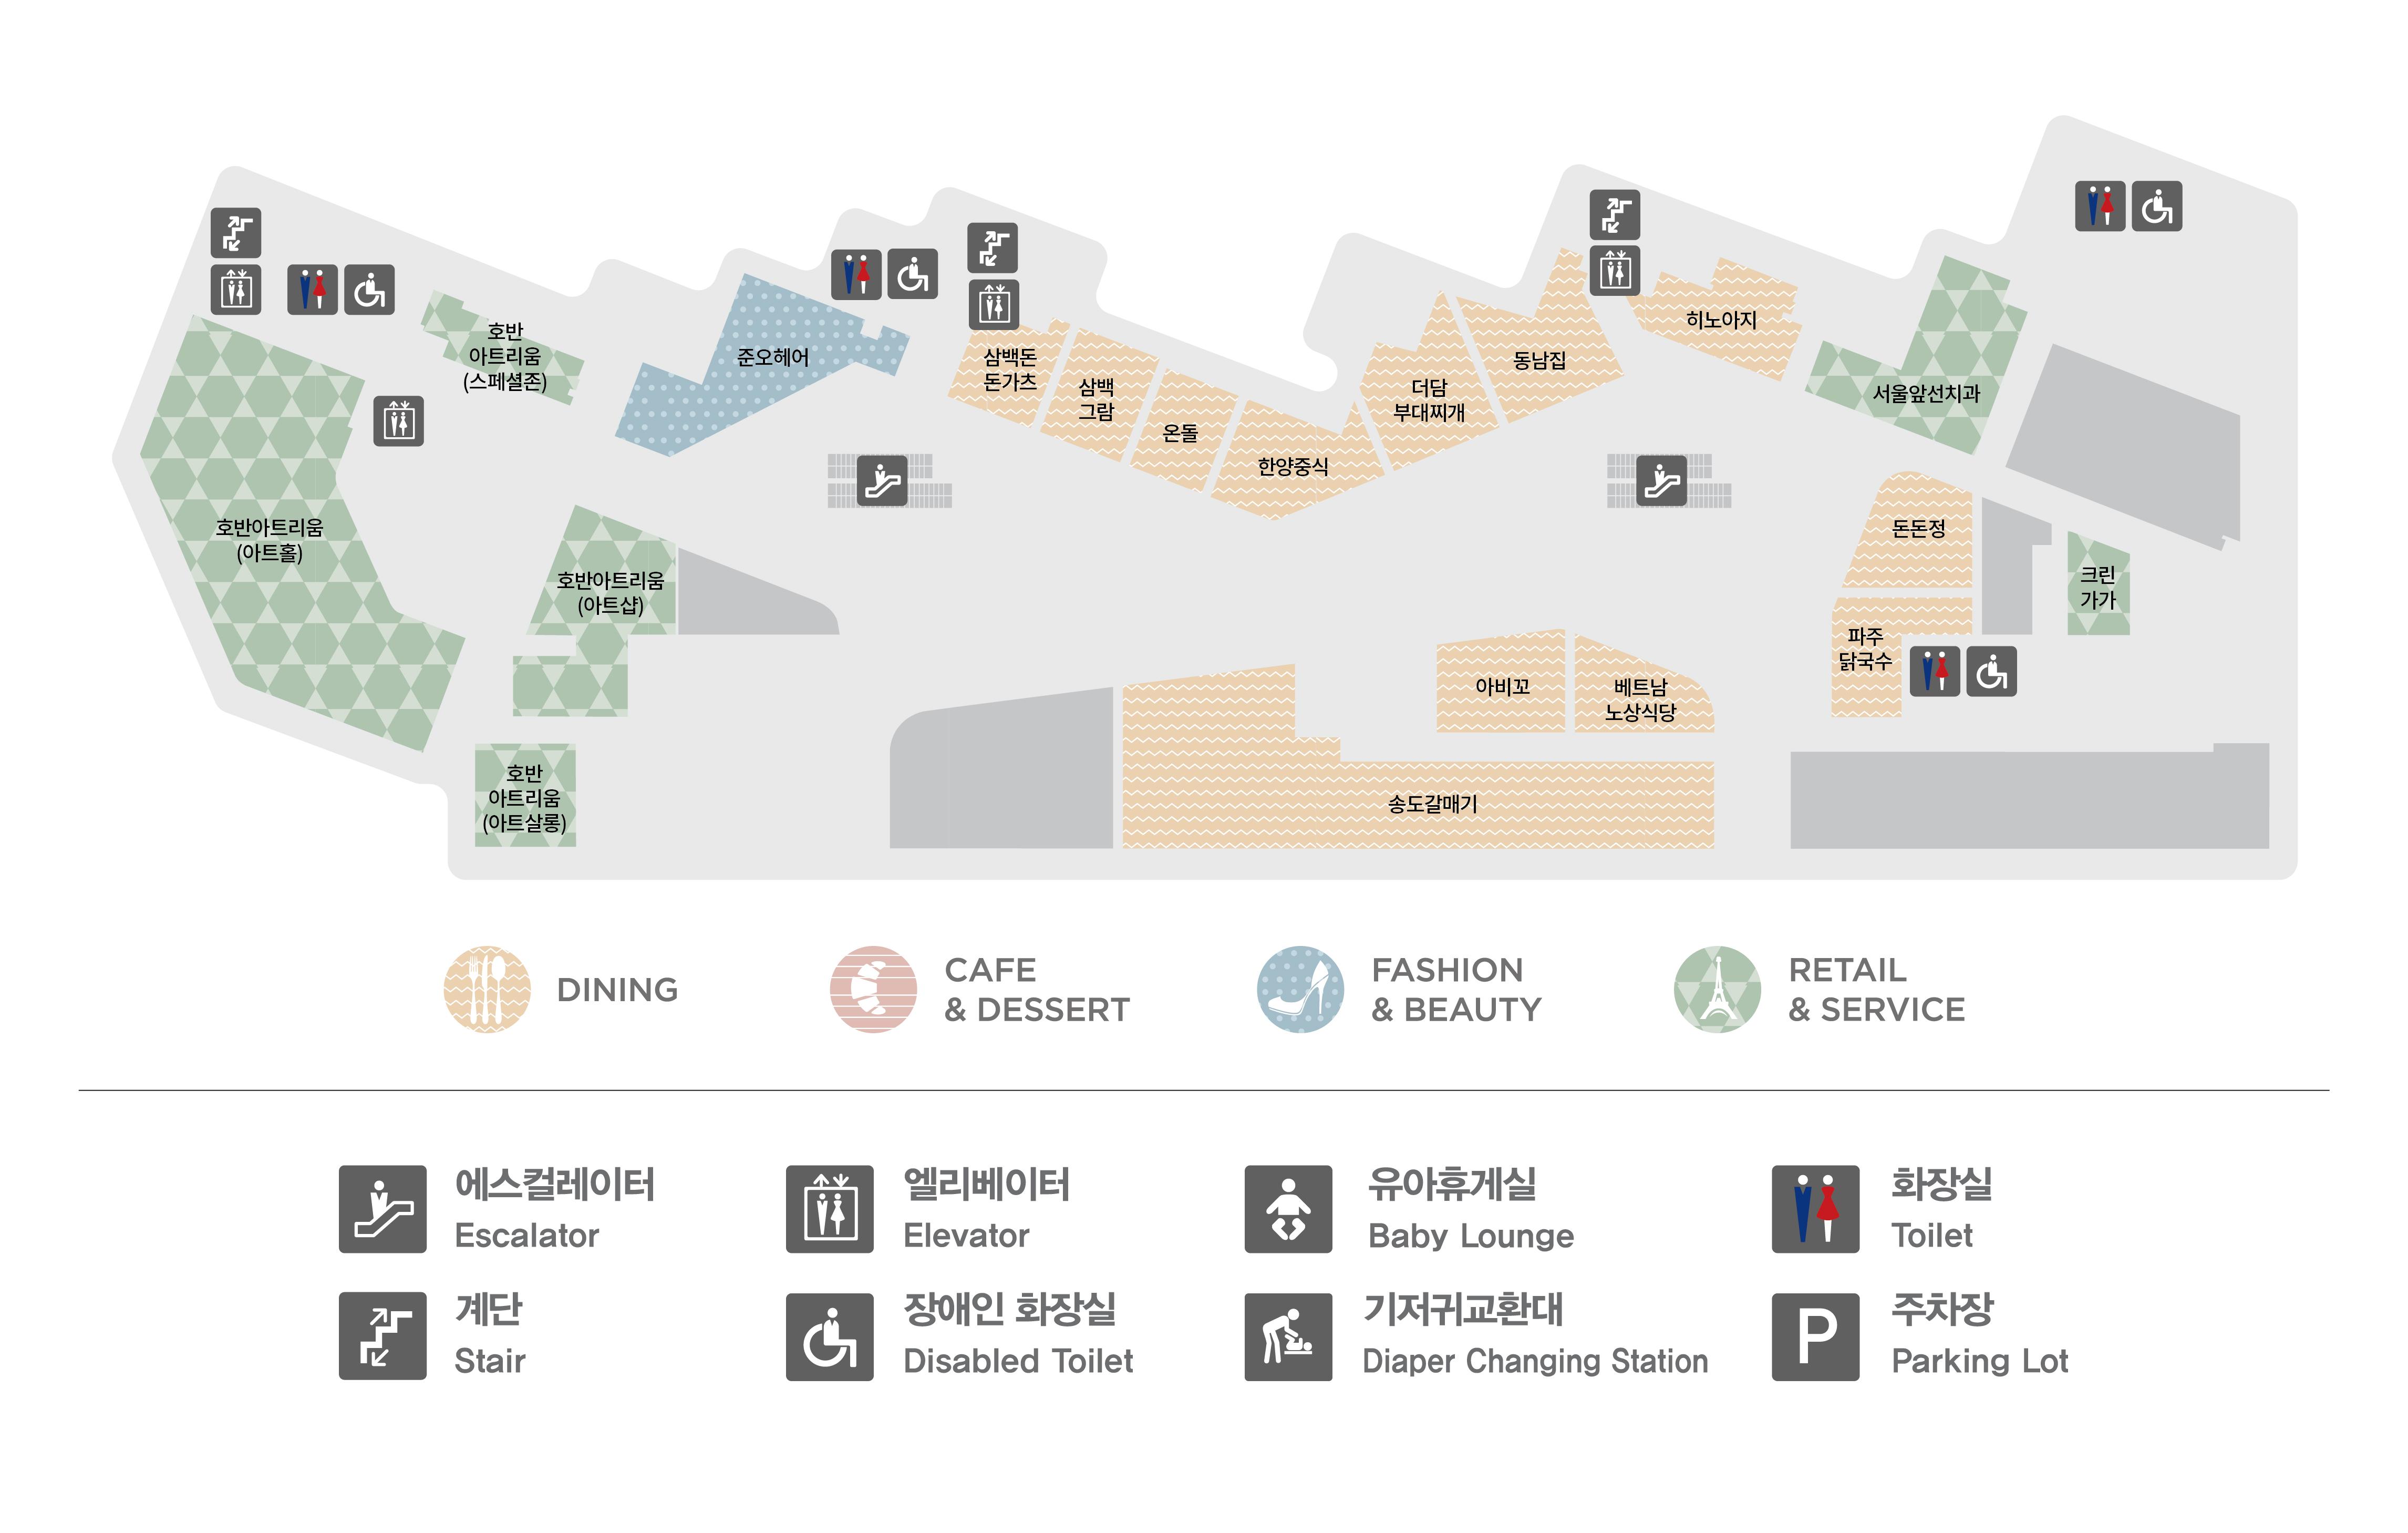 광명점 2층 매장 지도입니다. 1층에는 호반 아트리움(아트홀), 호반 아트리움(스페셜존), 준오헤어, 삼백돈돈카츠, 온돌, 한양중식, 서울 앞선치과, 호반아트리움(워크룸), 호반아트리움(아트살롱) 총 9개 매장이 입점해있습니다. 또한 화장실 총 4개, 에스컬레이터, 엘레베이터, 비상계단이 있습니다.